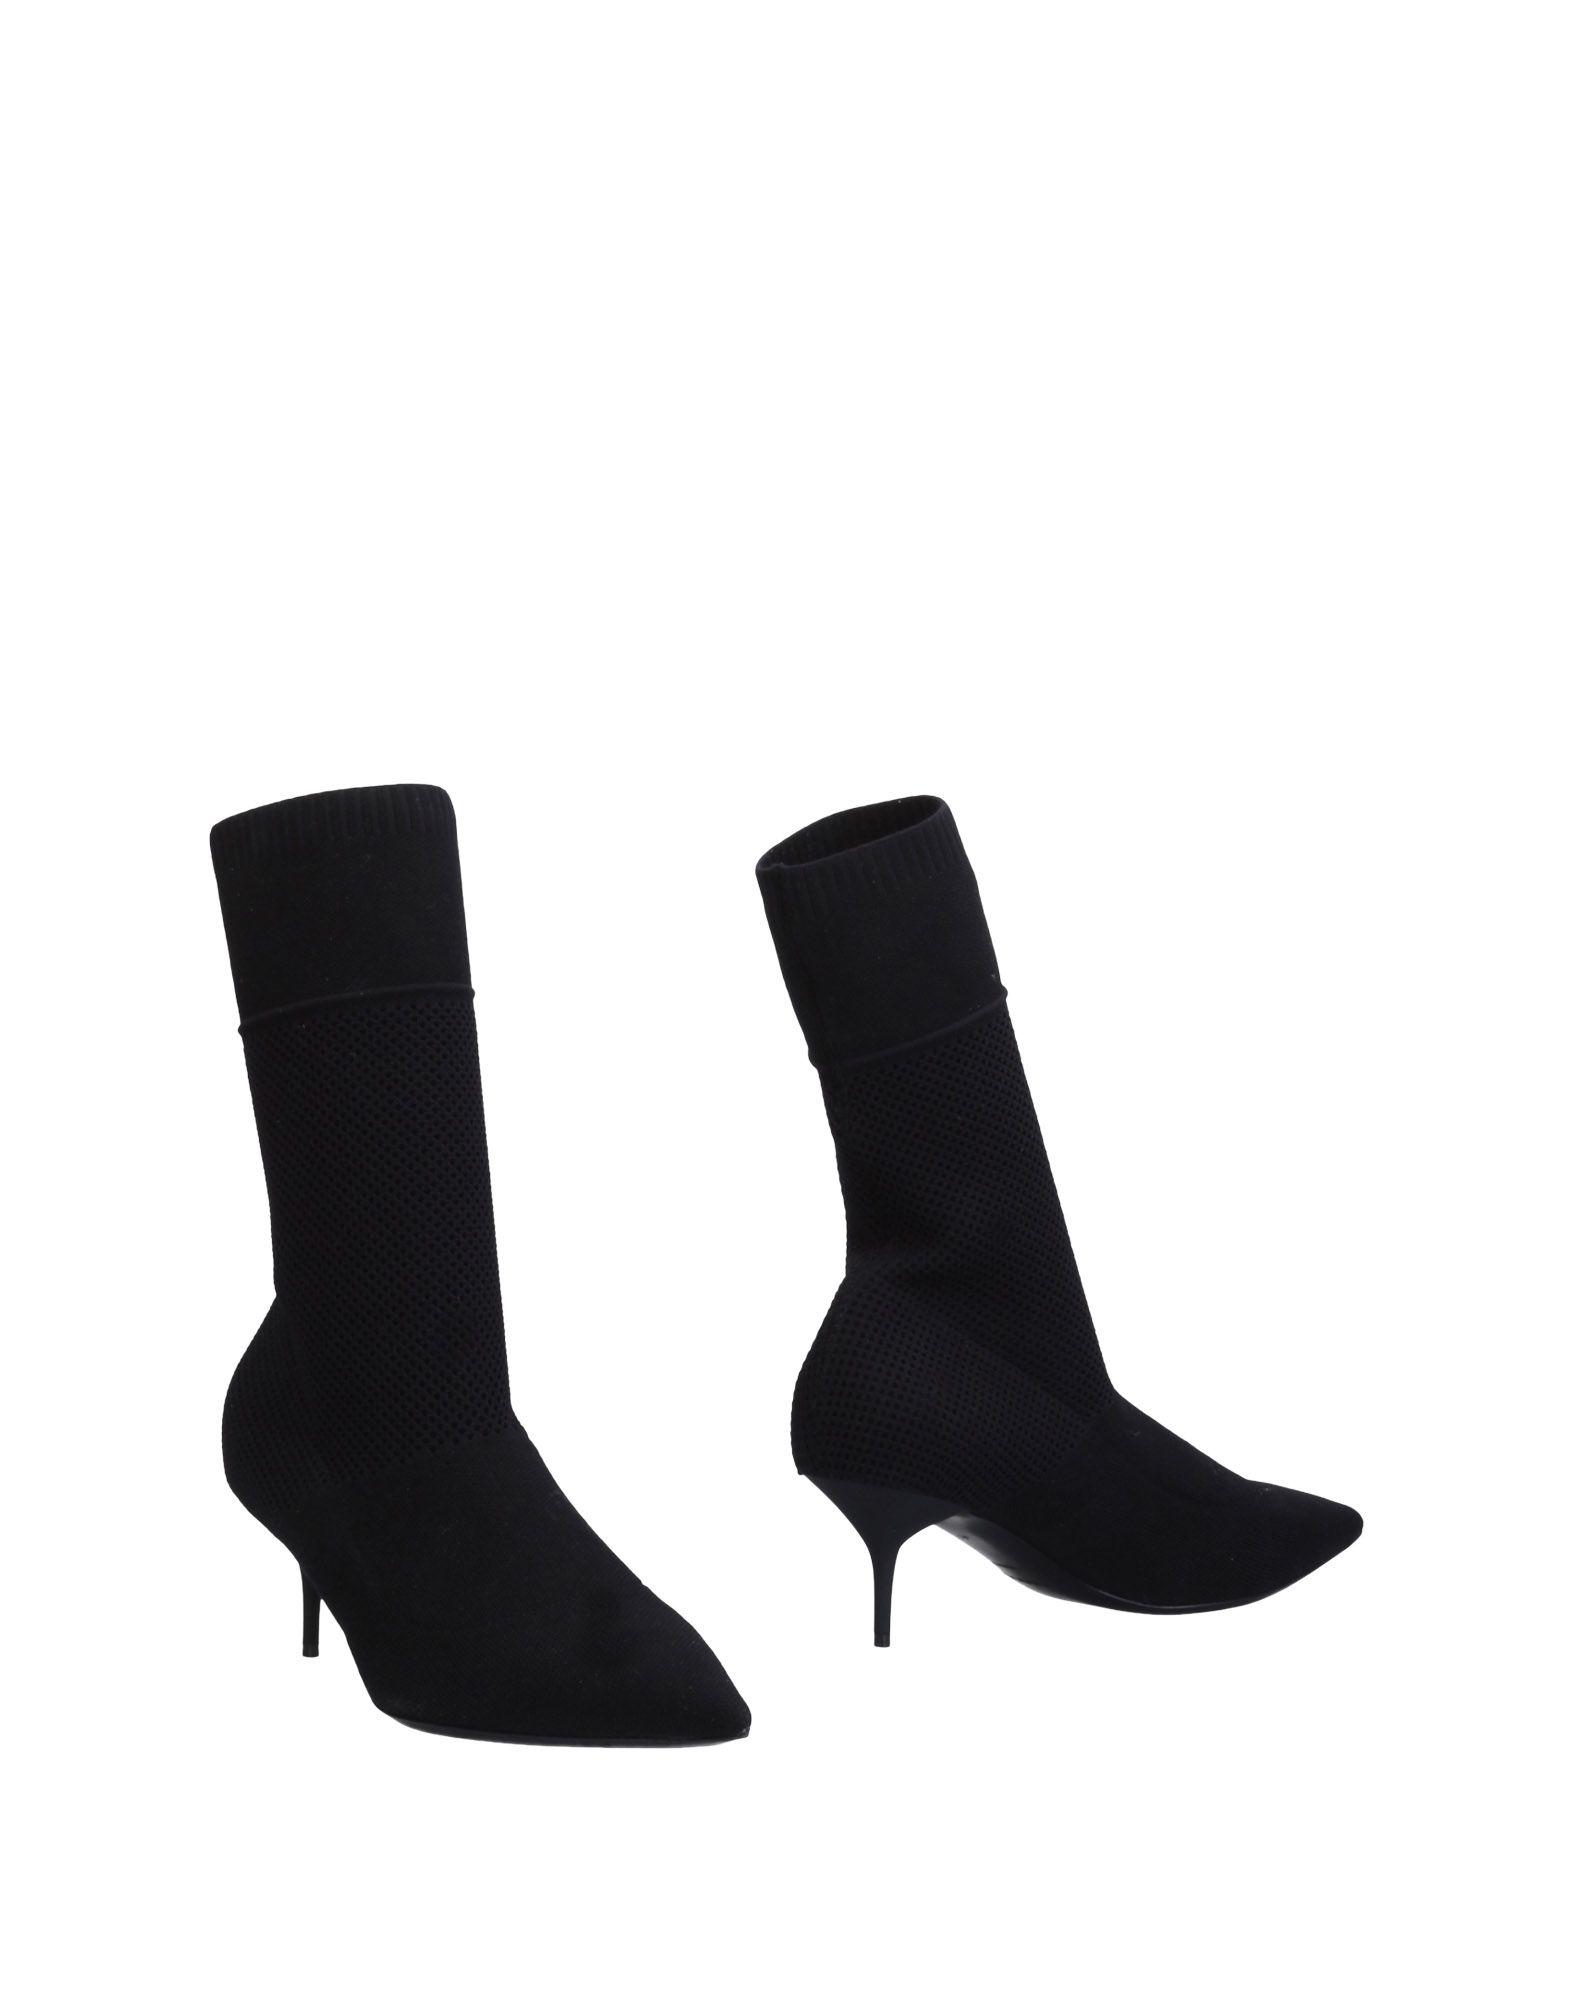 Burberry Stiefelette Damen  11453937ONGünstige gut aussehende Schuhe